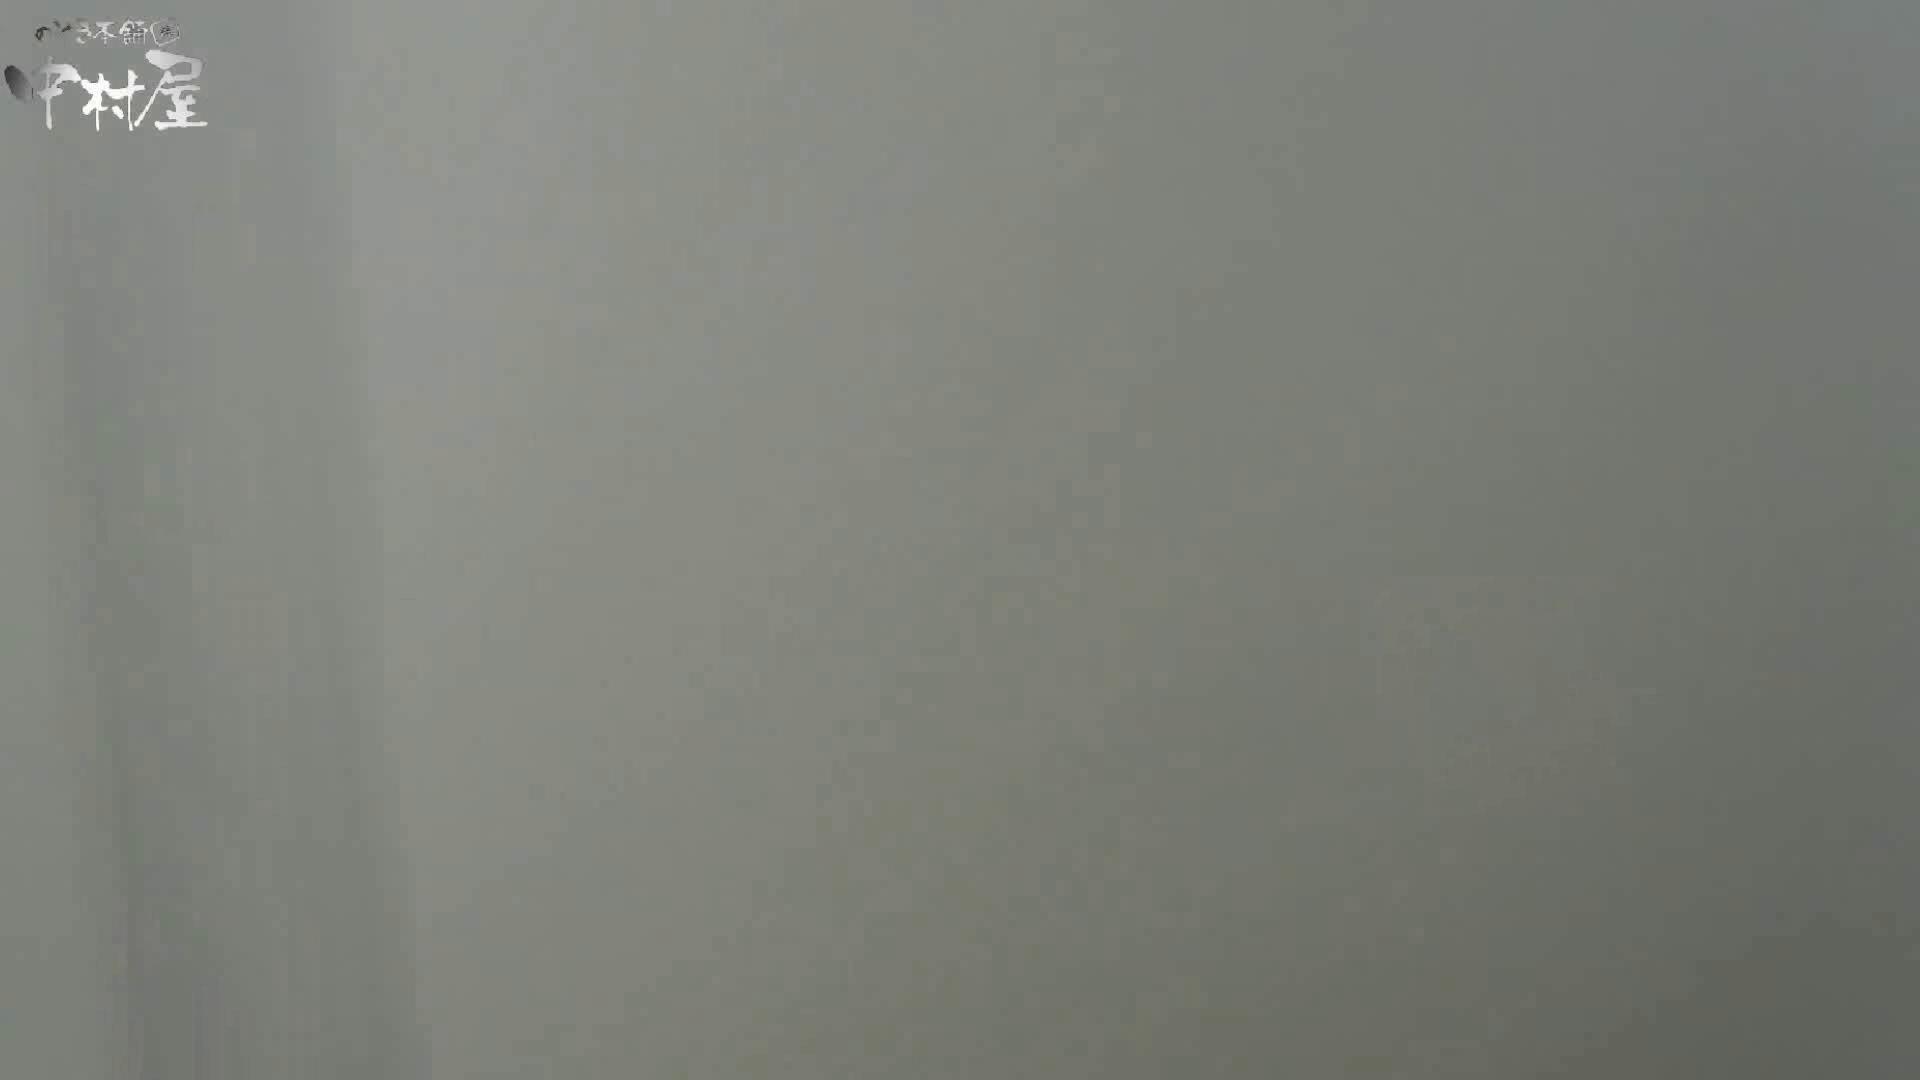 魂のかわや盗撮62連発! ロンハーギャル! 45発目! ギャルのエロ動画 スケベ動画紹介 102PIX 83